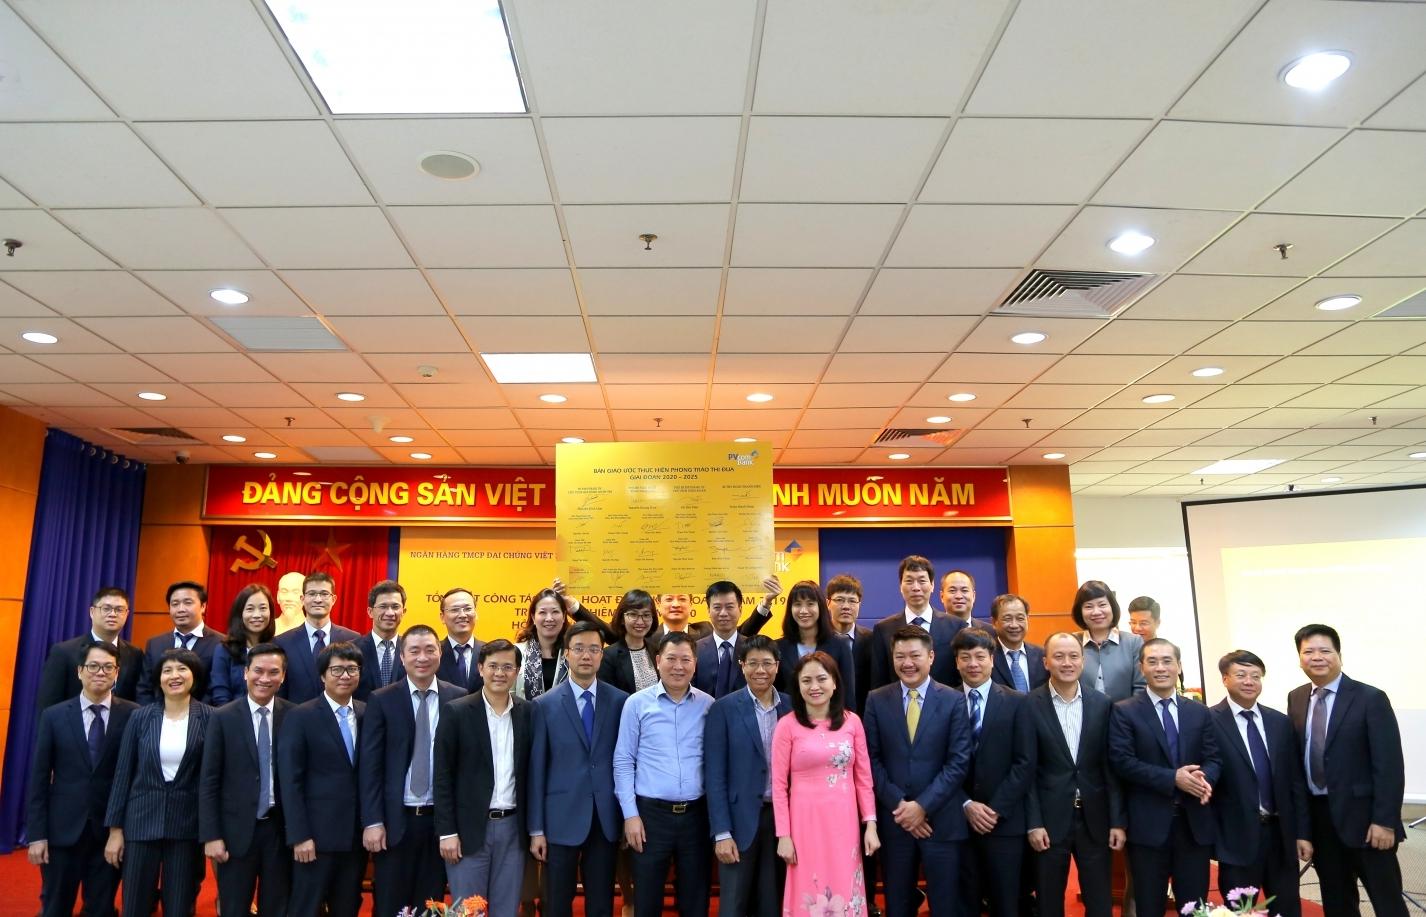 Đảng bộ PVcomBank với mục tiêu xây dựng PVcomBank trở thành Ngân hàng hàng đầu tại Việt Nam